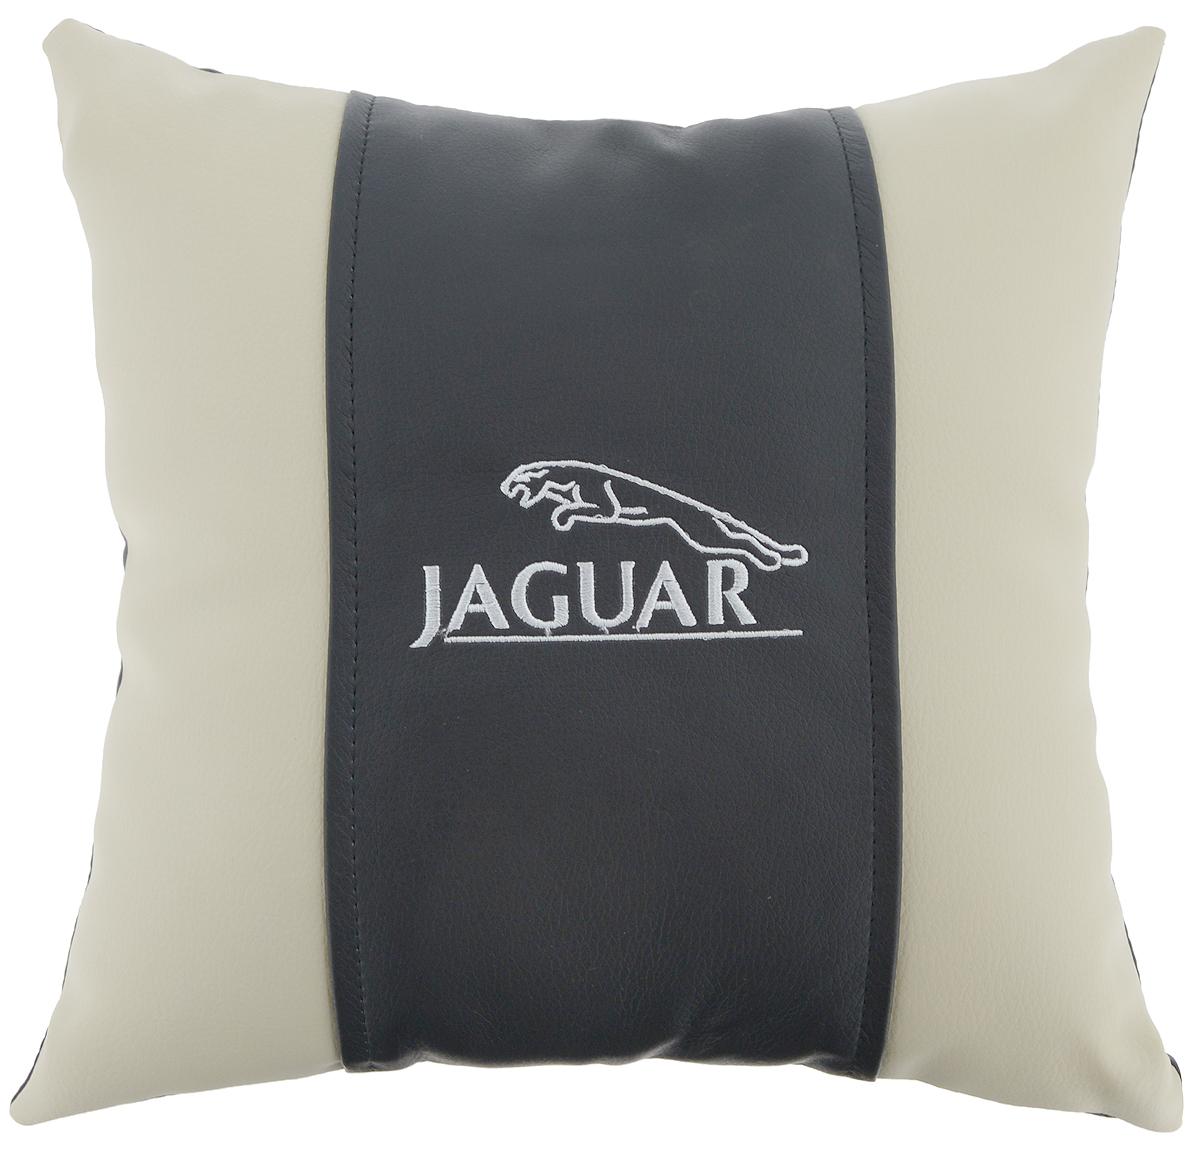 Подушка на сиденье Autoparts Jaguar, 30 х 30 смМ073Подушка на сиденье Autoparts Jaguar создана для тех, кто весь свой день вынужден проводить за рулем. Чехол выполнен из высококачественной дышащей экокожи. Наполнителем служит холлофайбер. На задней части подушки имеется змейка. Особенности подушки: - Хорошо проветривается. - Предупреждает потение. - Поддерживает комфортную температуру. - Обминается по форме тела. - Улучшает кровообращение. - Исключает затечные явления. - Предупреждает развитие заболеваний, связанных с сидячим образом жизни. Подушка также будет полезна и дома - при работе за компьютером, школьникам - при выполнении домашних работ, да и в любимом кресле перед телевизором.